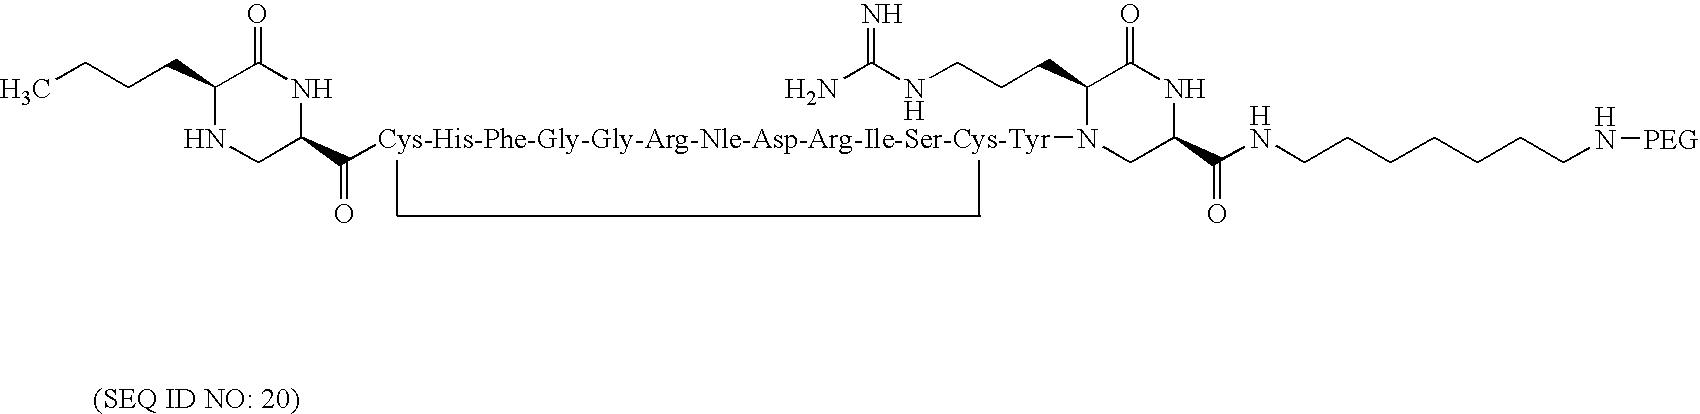 Figure US07622440-20091124-C00389